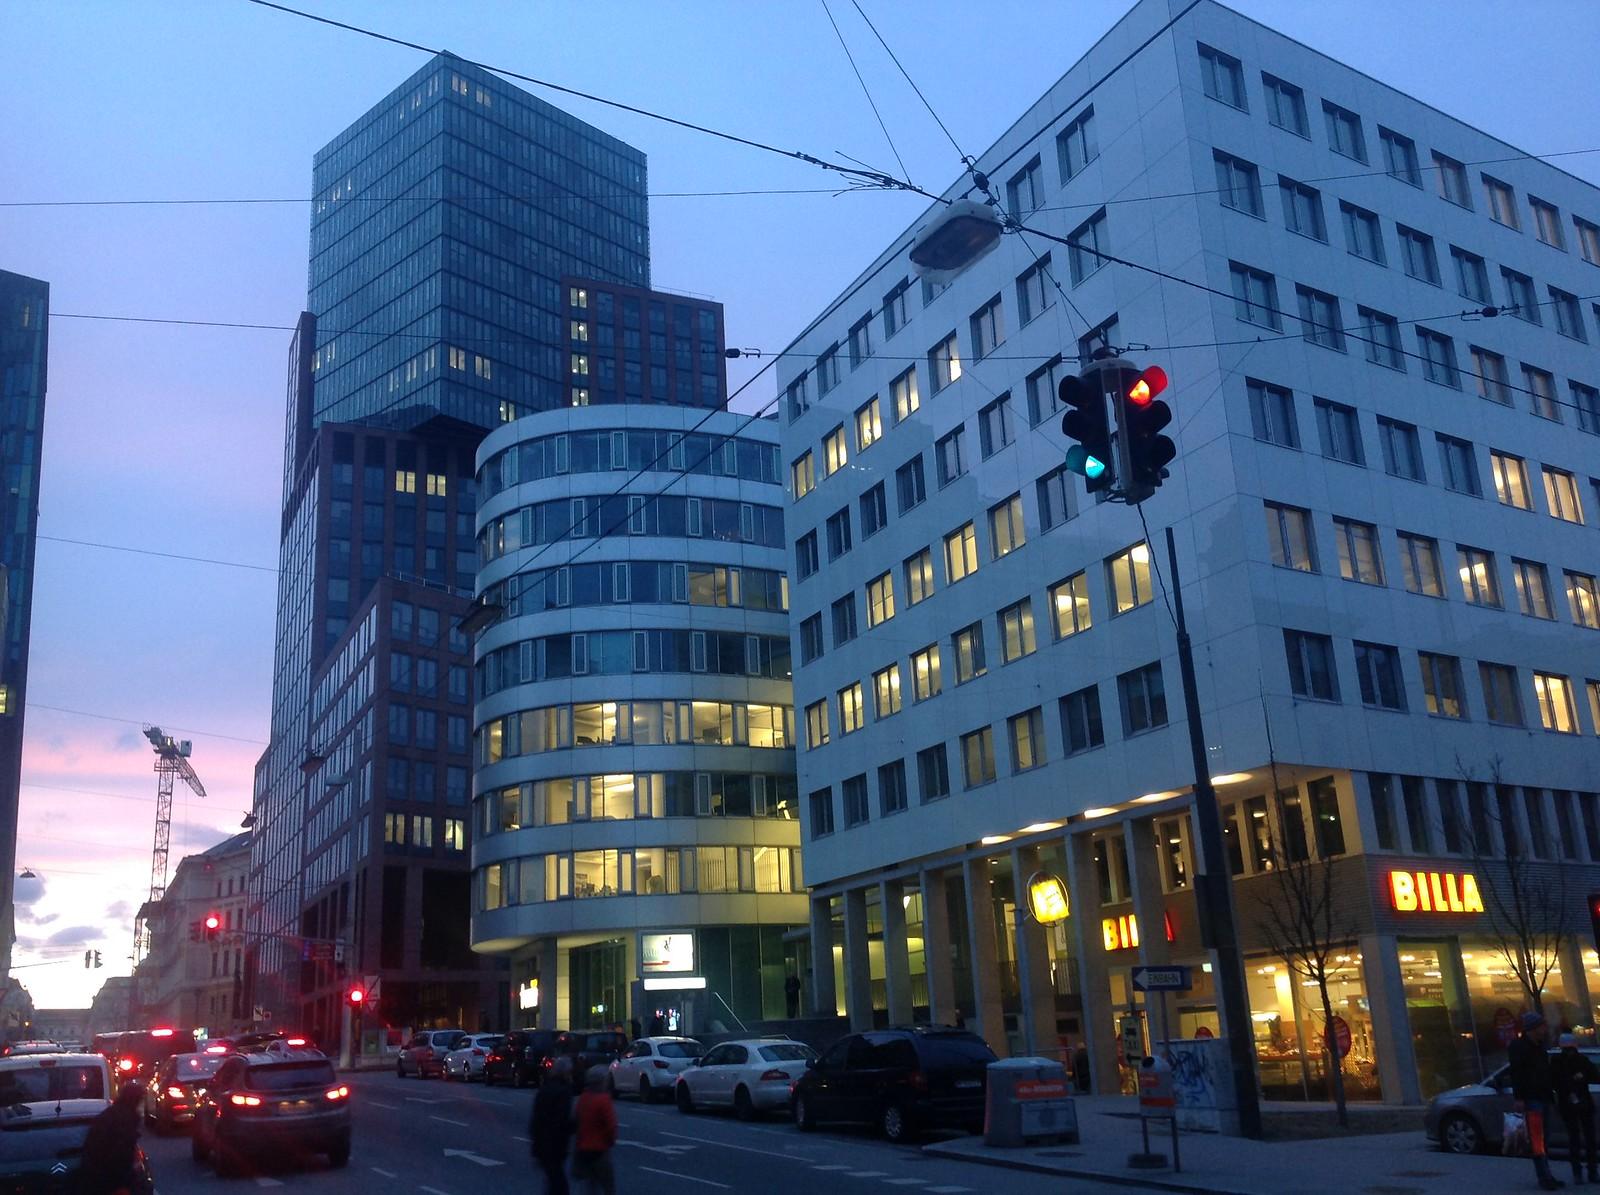 Justizzentrum Wien Mitte